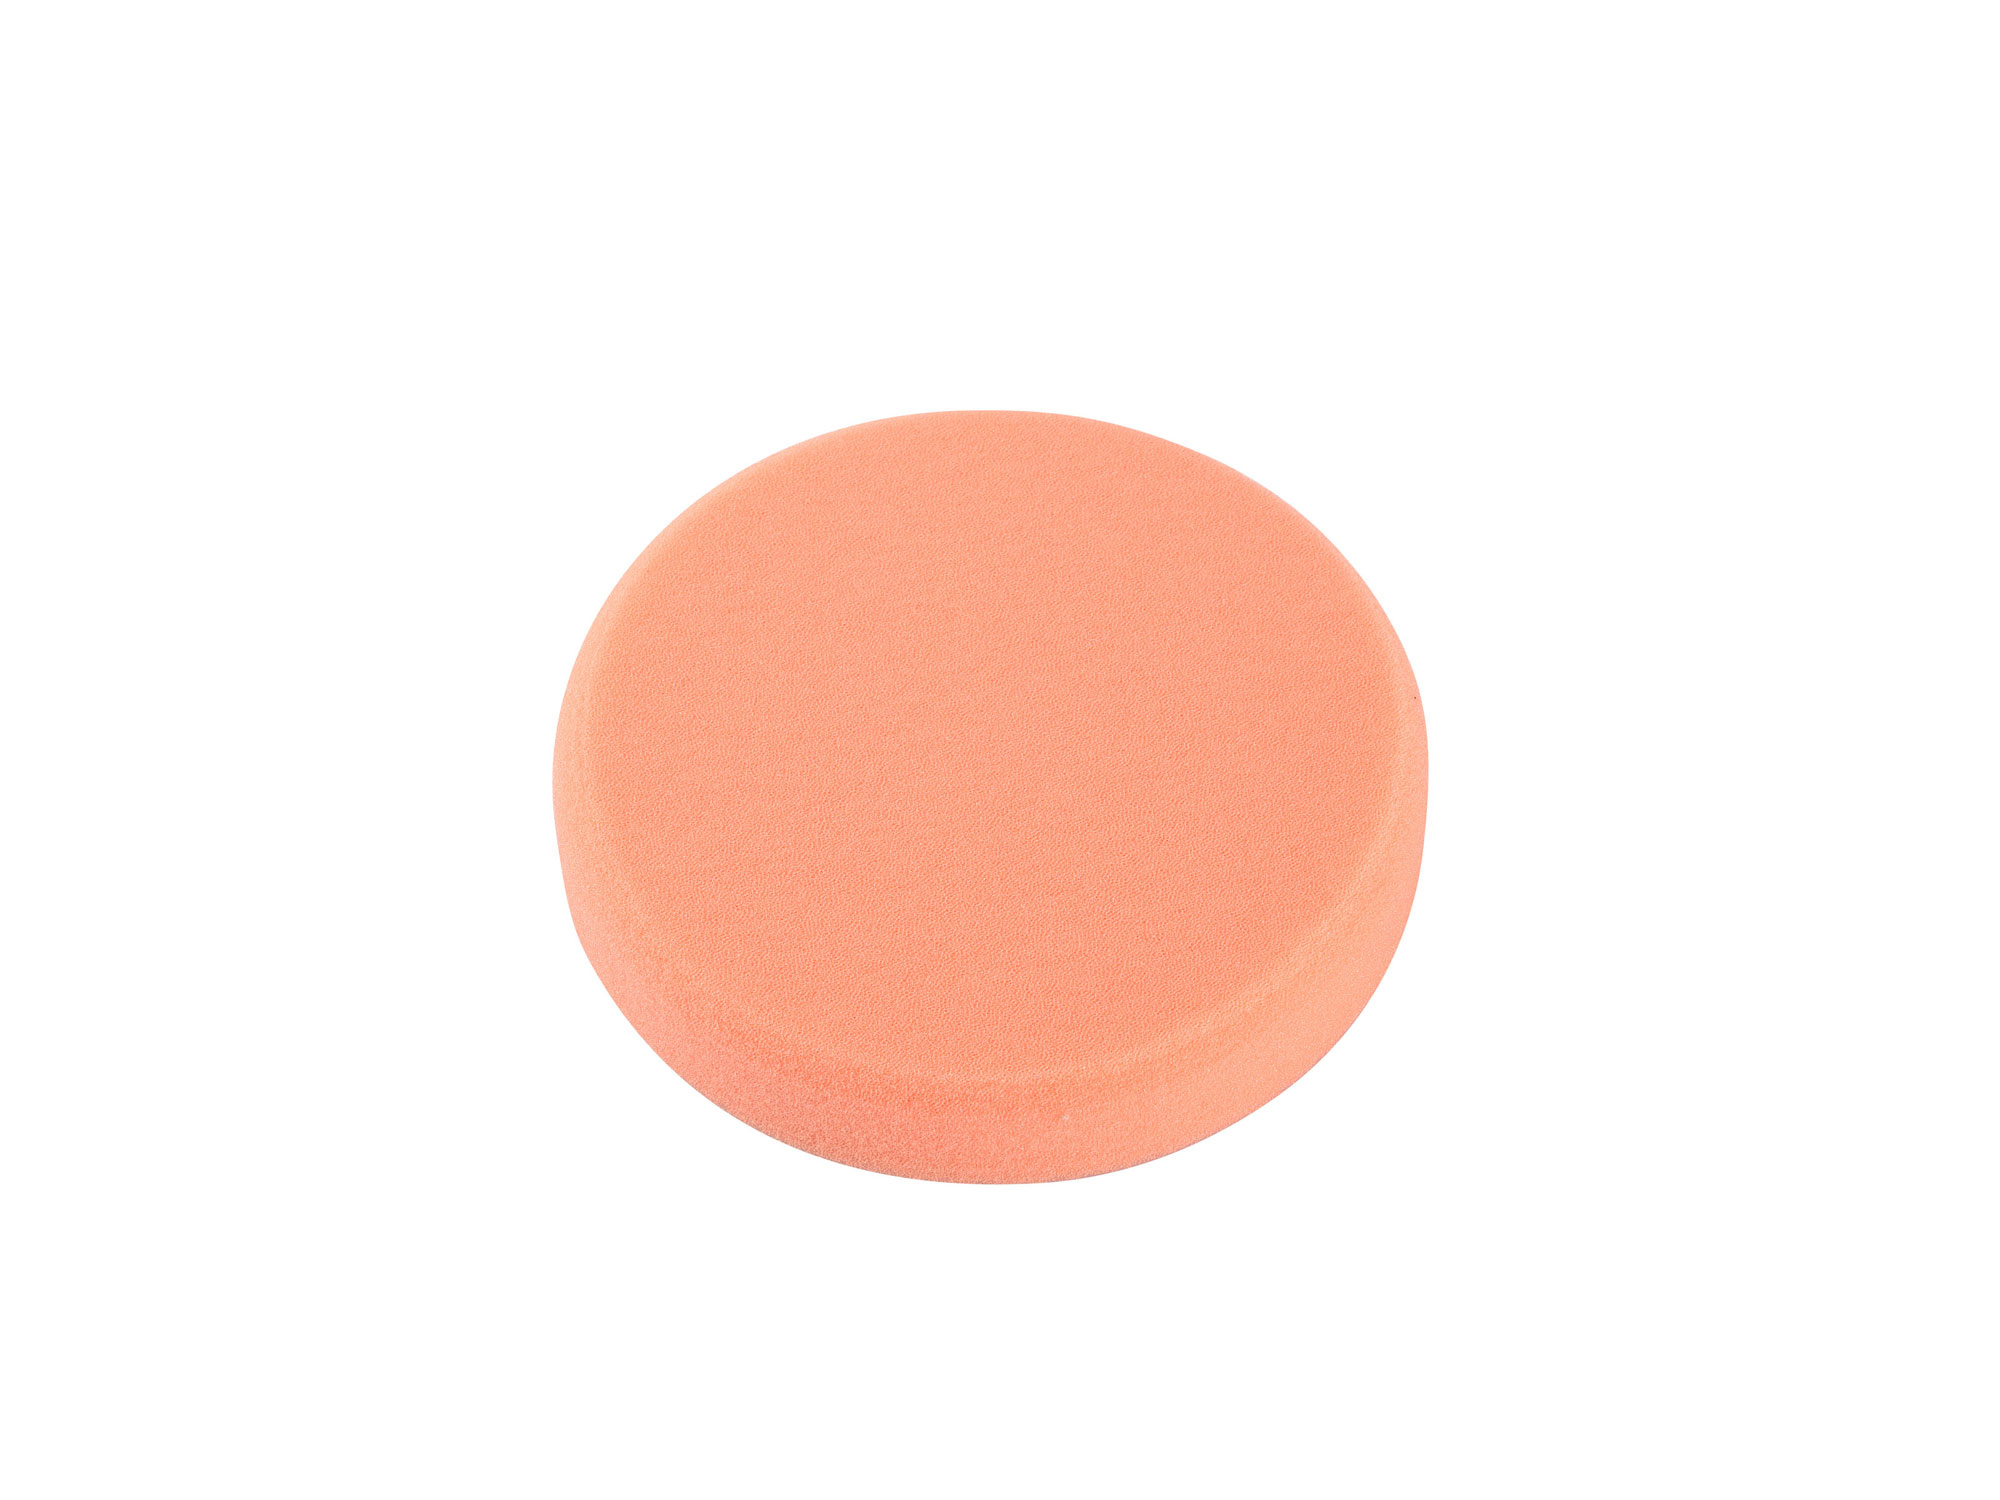 Kotouč leštící penový, T40, oranžový, R150x30mm, suchý zip EXTOL PREMIUM 8803544